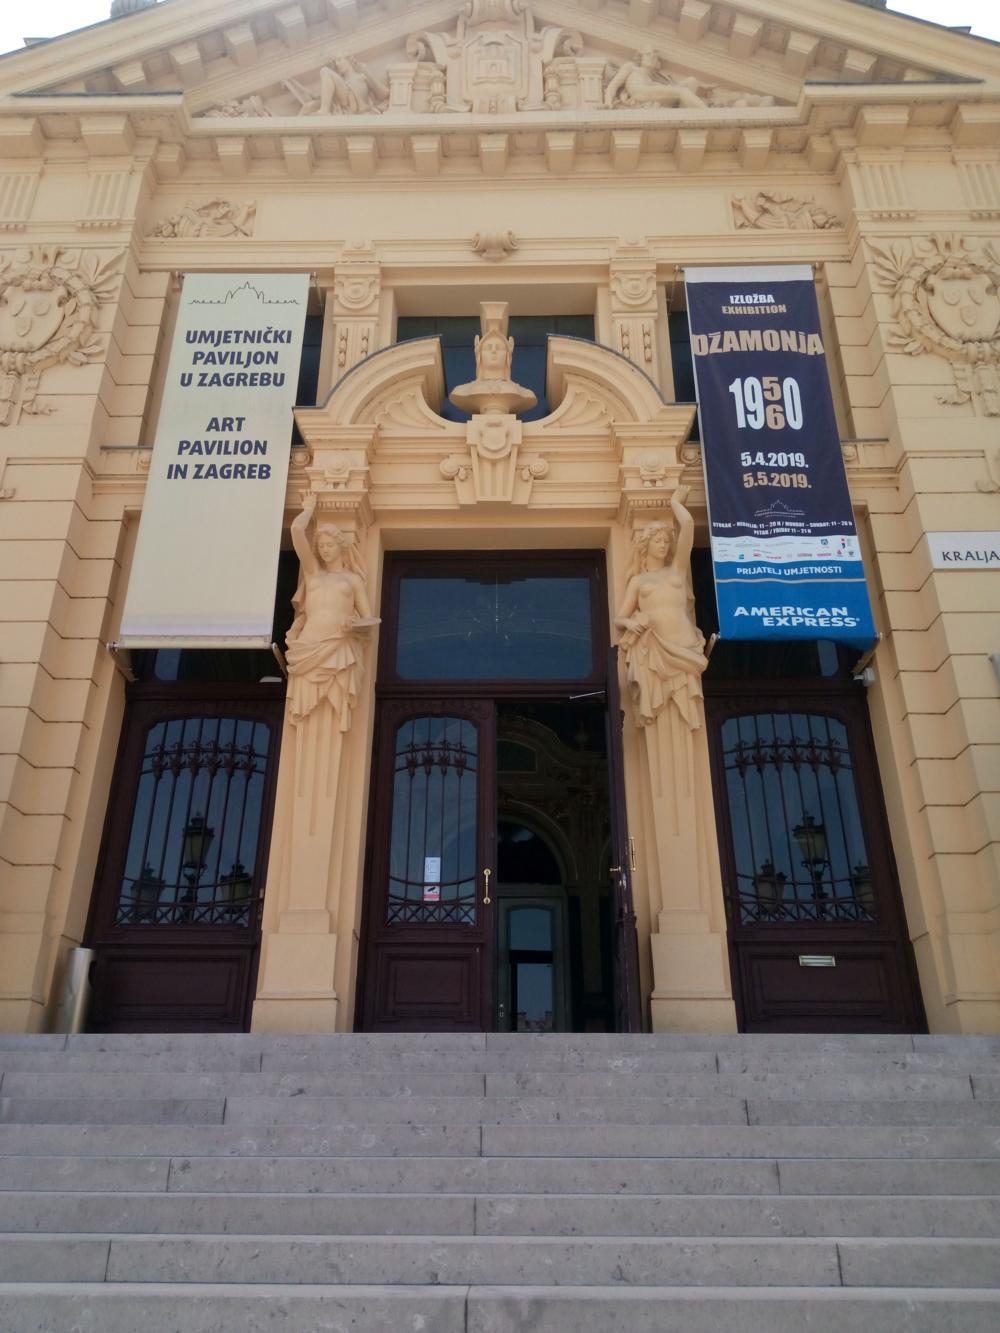 Izložba Dušana Džamonje otvorena i na Međunarodni praznik rada 1. svibnja 2019. od 11 do 20 sati